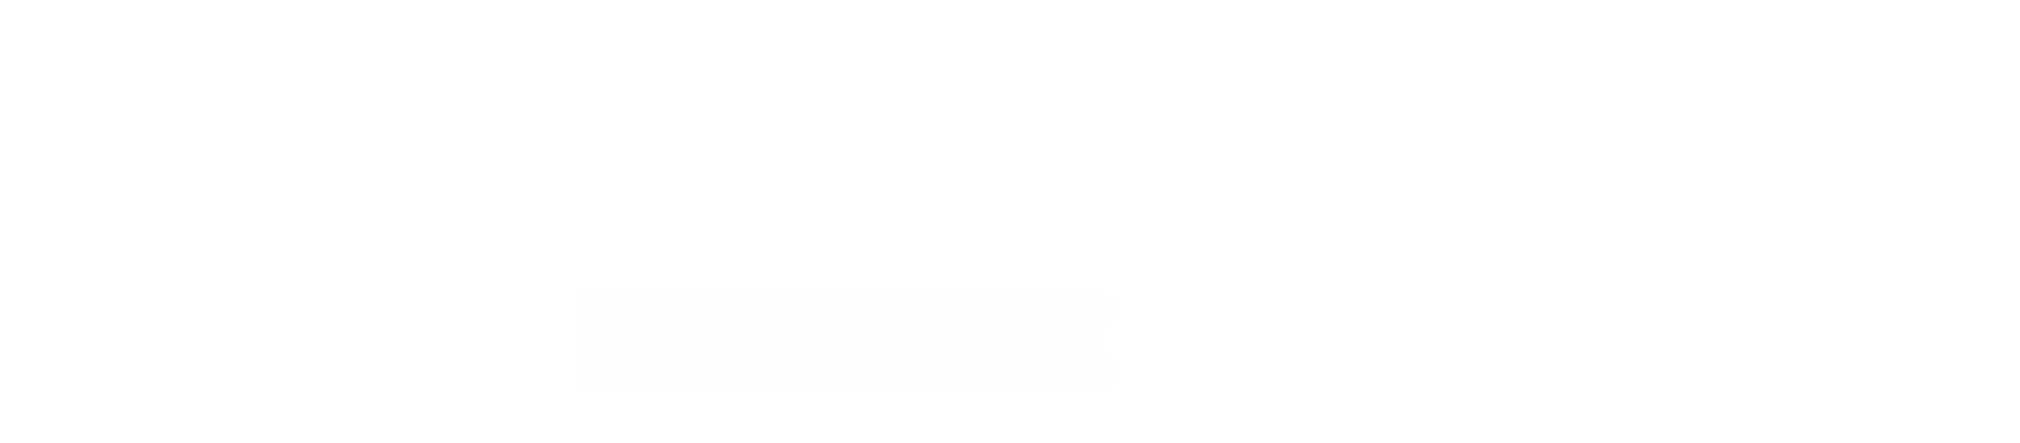 Underrain: Bot Tactics